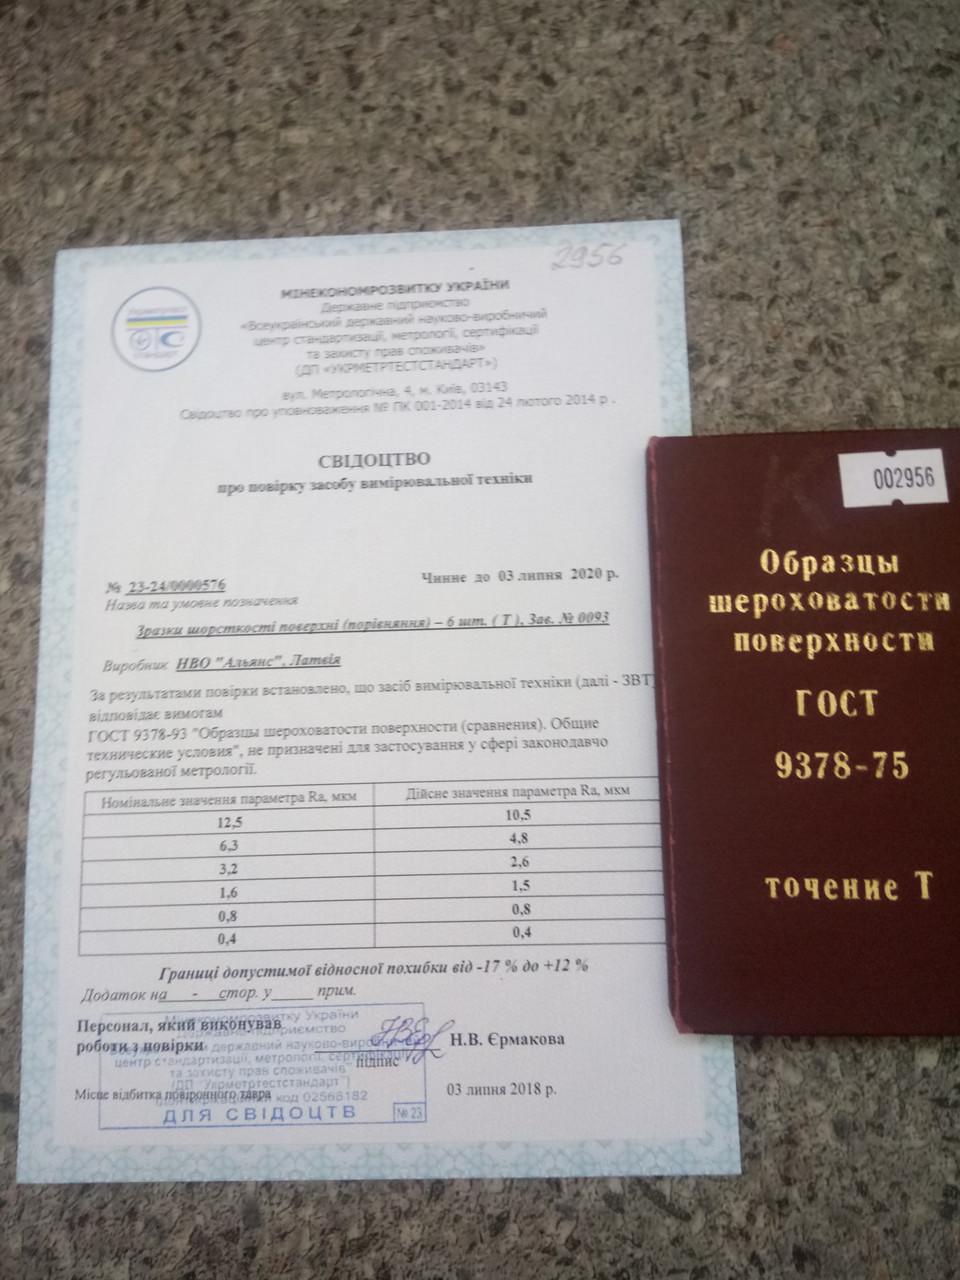 Образцы шероховатости, точение , ГОСТ 9378-75,возможна калибровка в УкрЦСМ